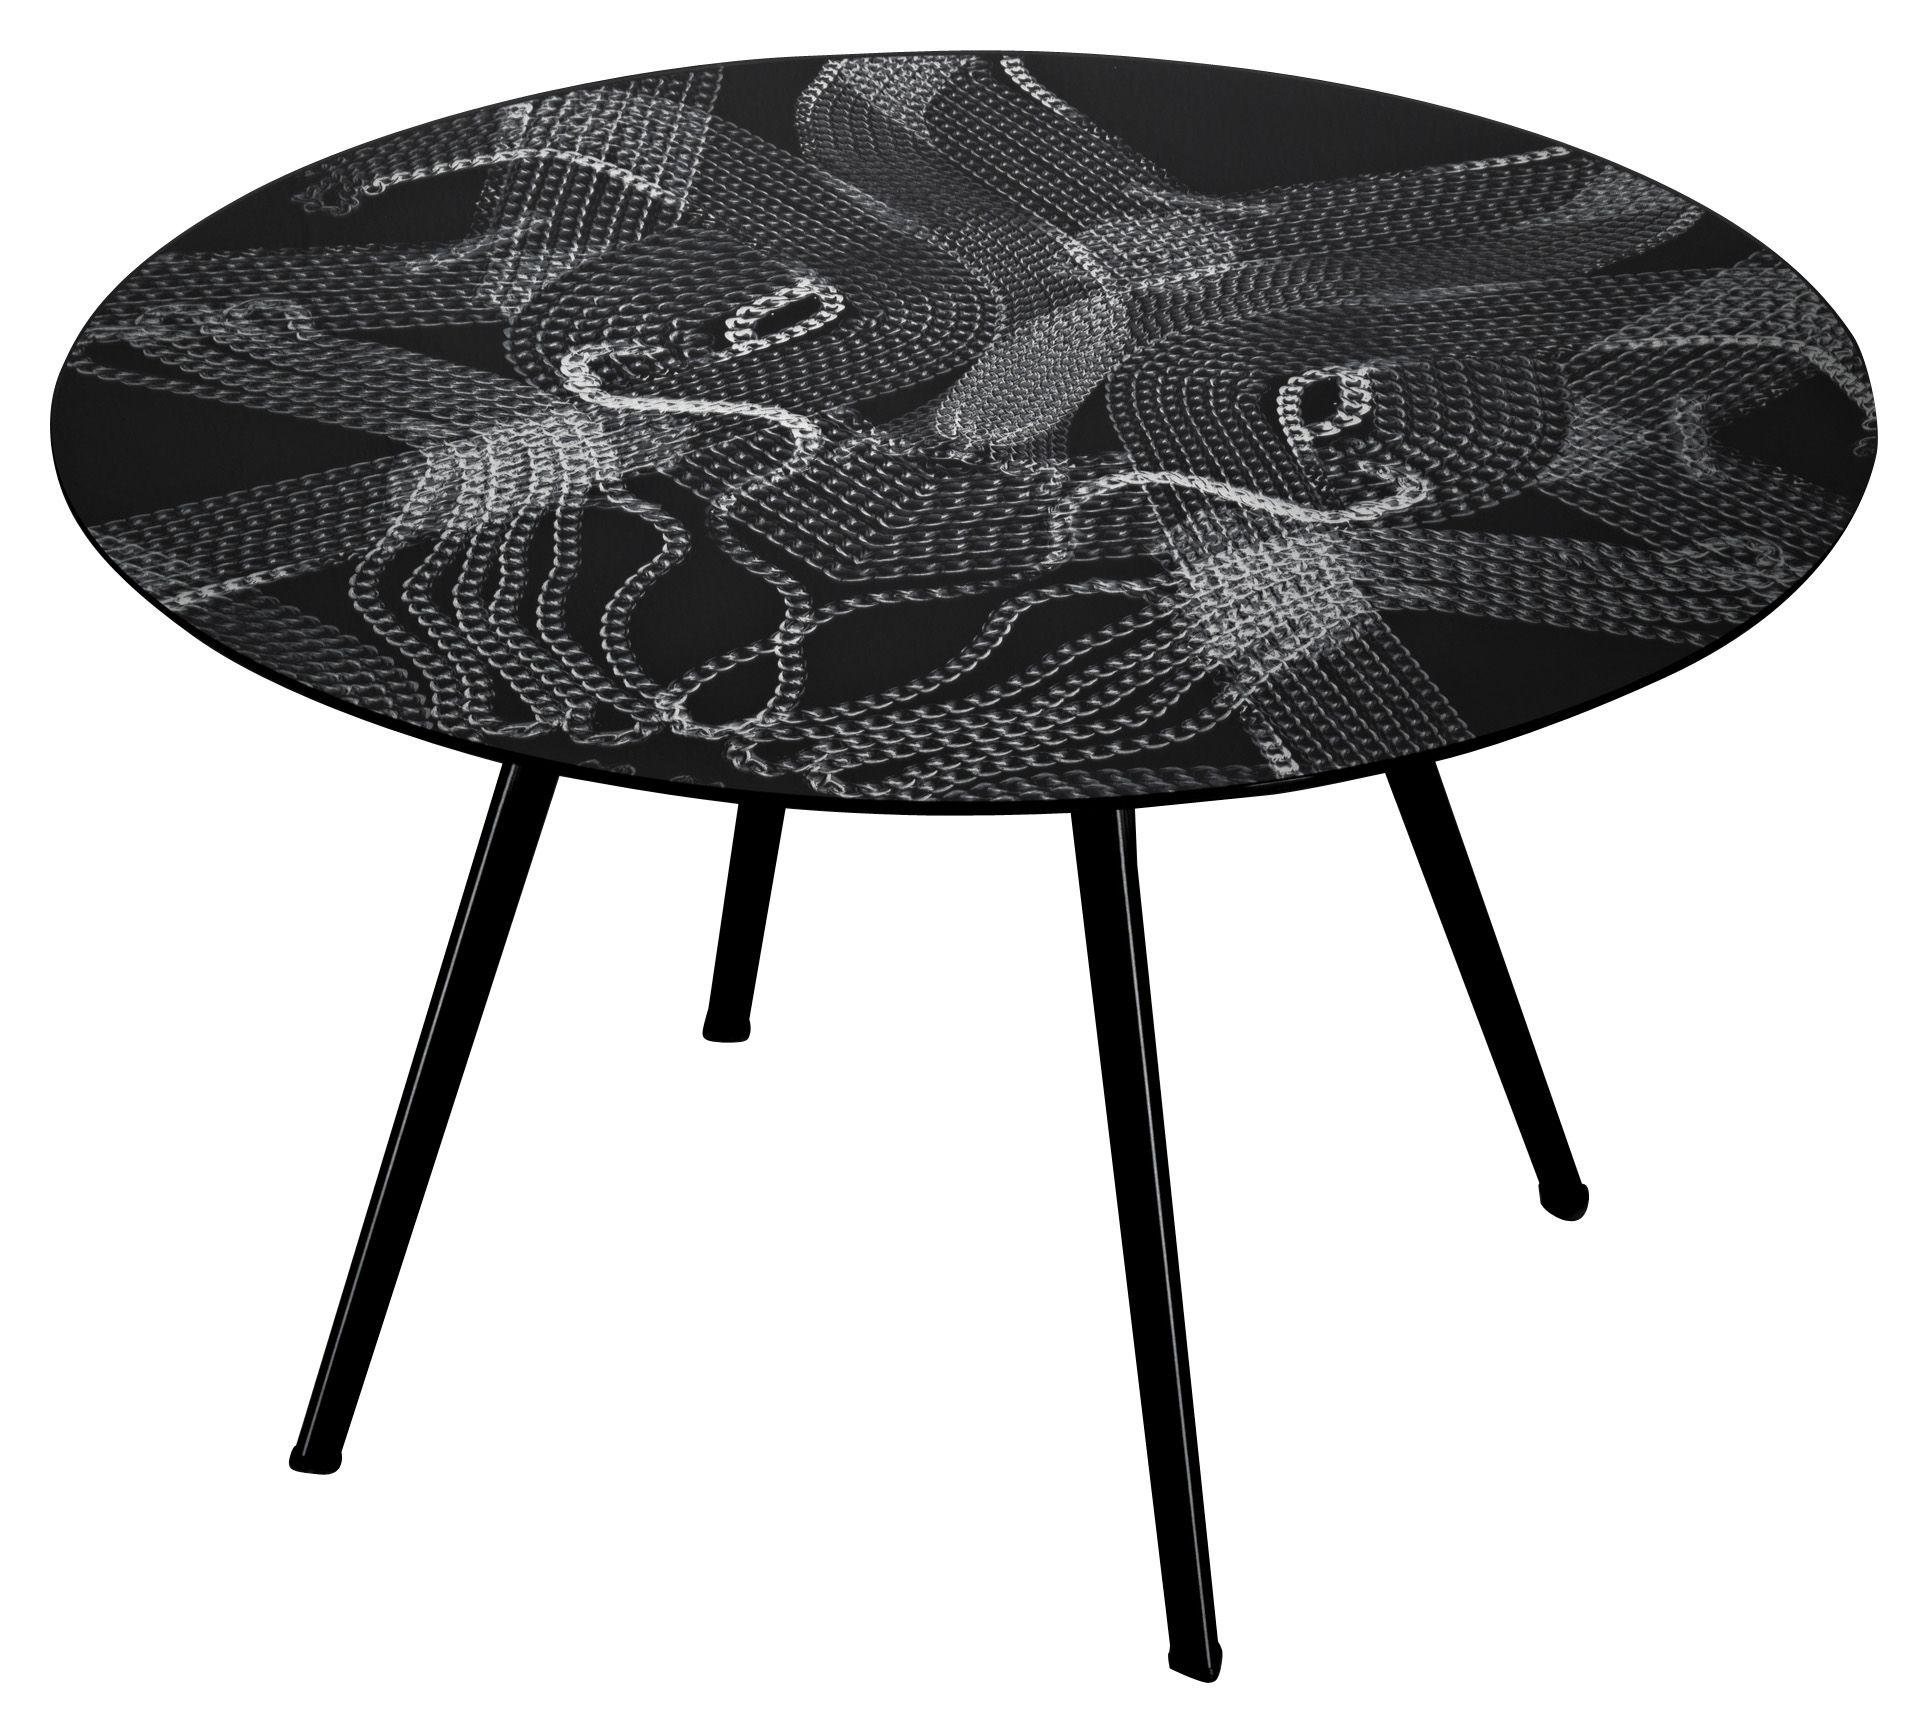 Table pylon verre avec motifs cha nes 130 cm cha nes for Table en chaine